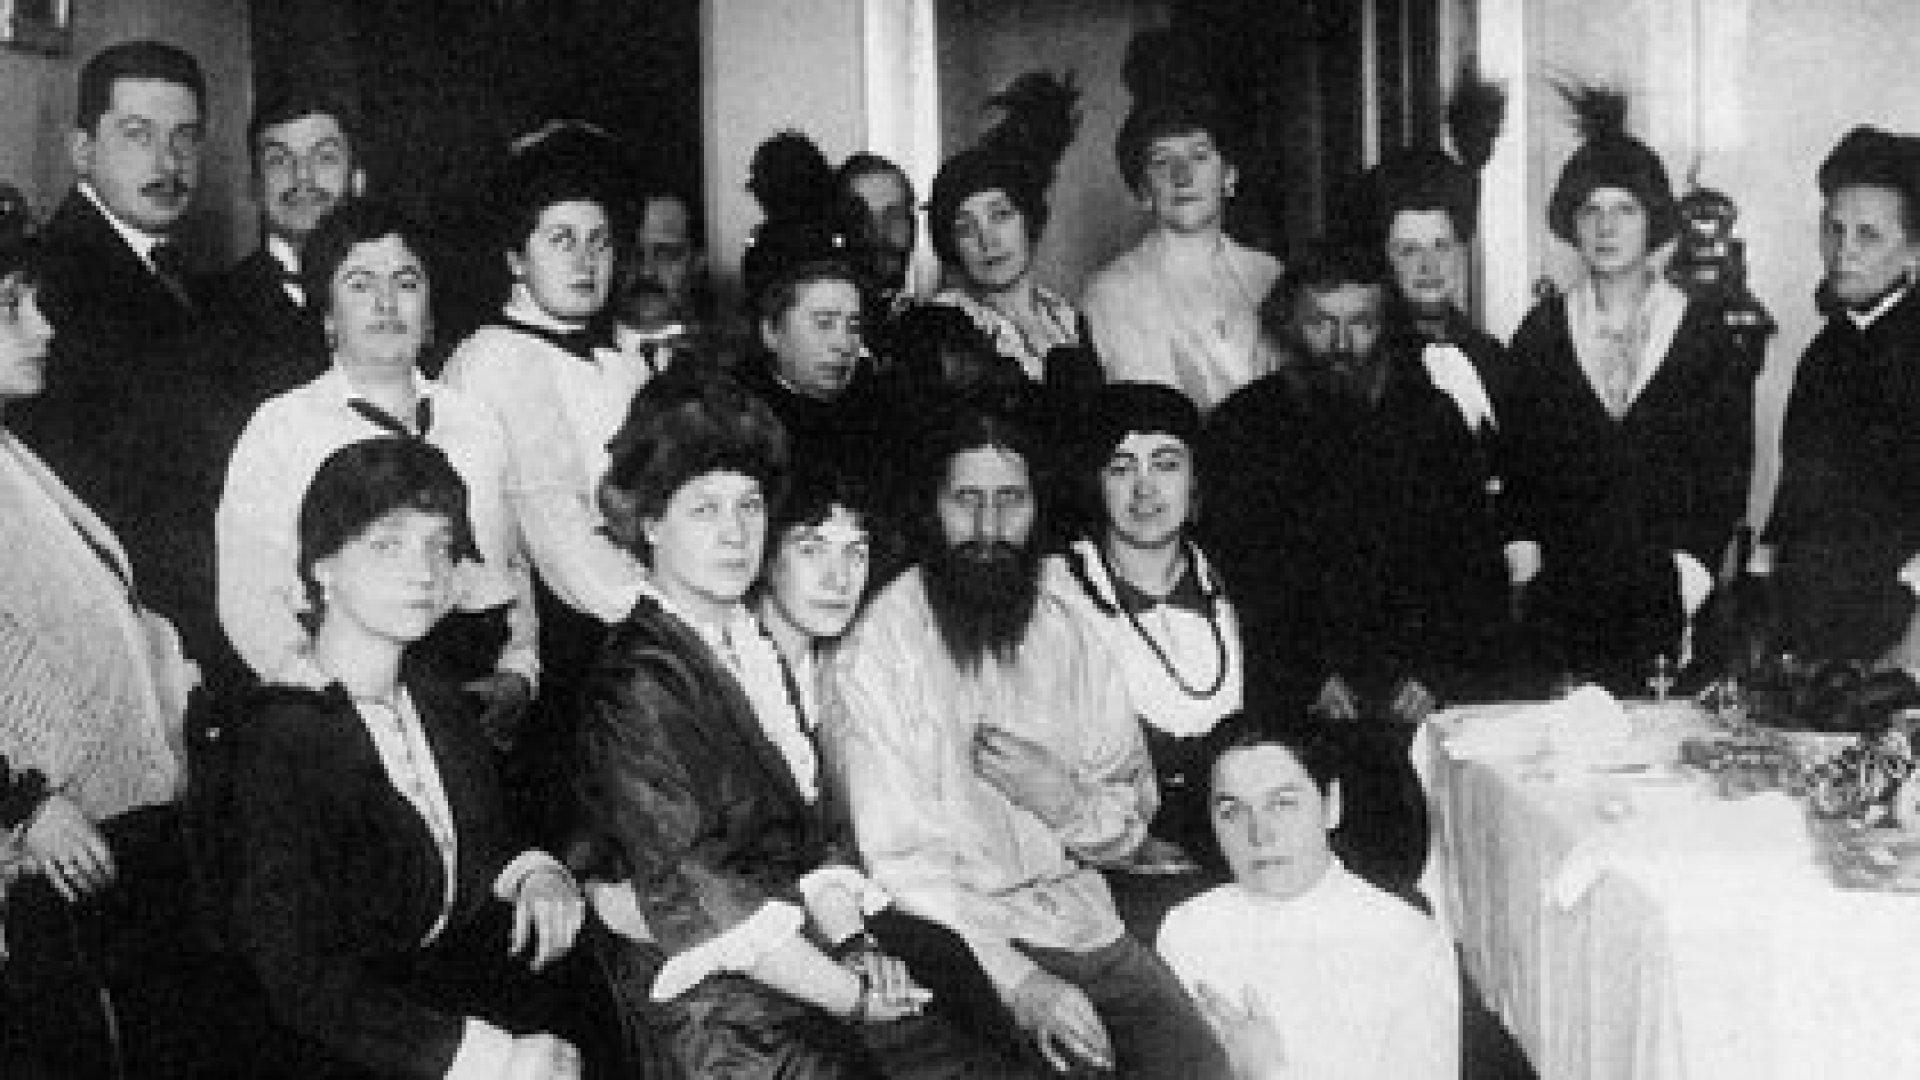 Rasputín, rodeado de seguidores. Su hija asegura que, aunque buscado por las mujeres, su padre no tenía interés en esos asuntos (Creative commons)